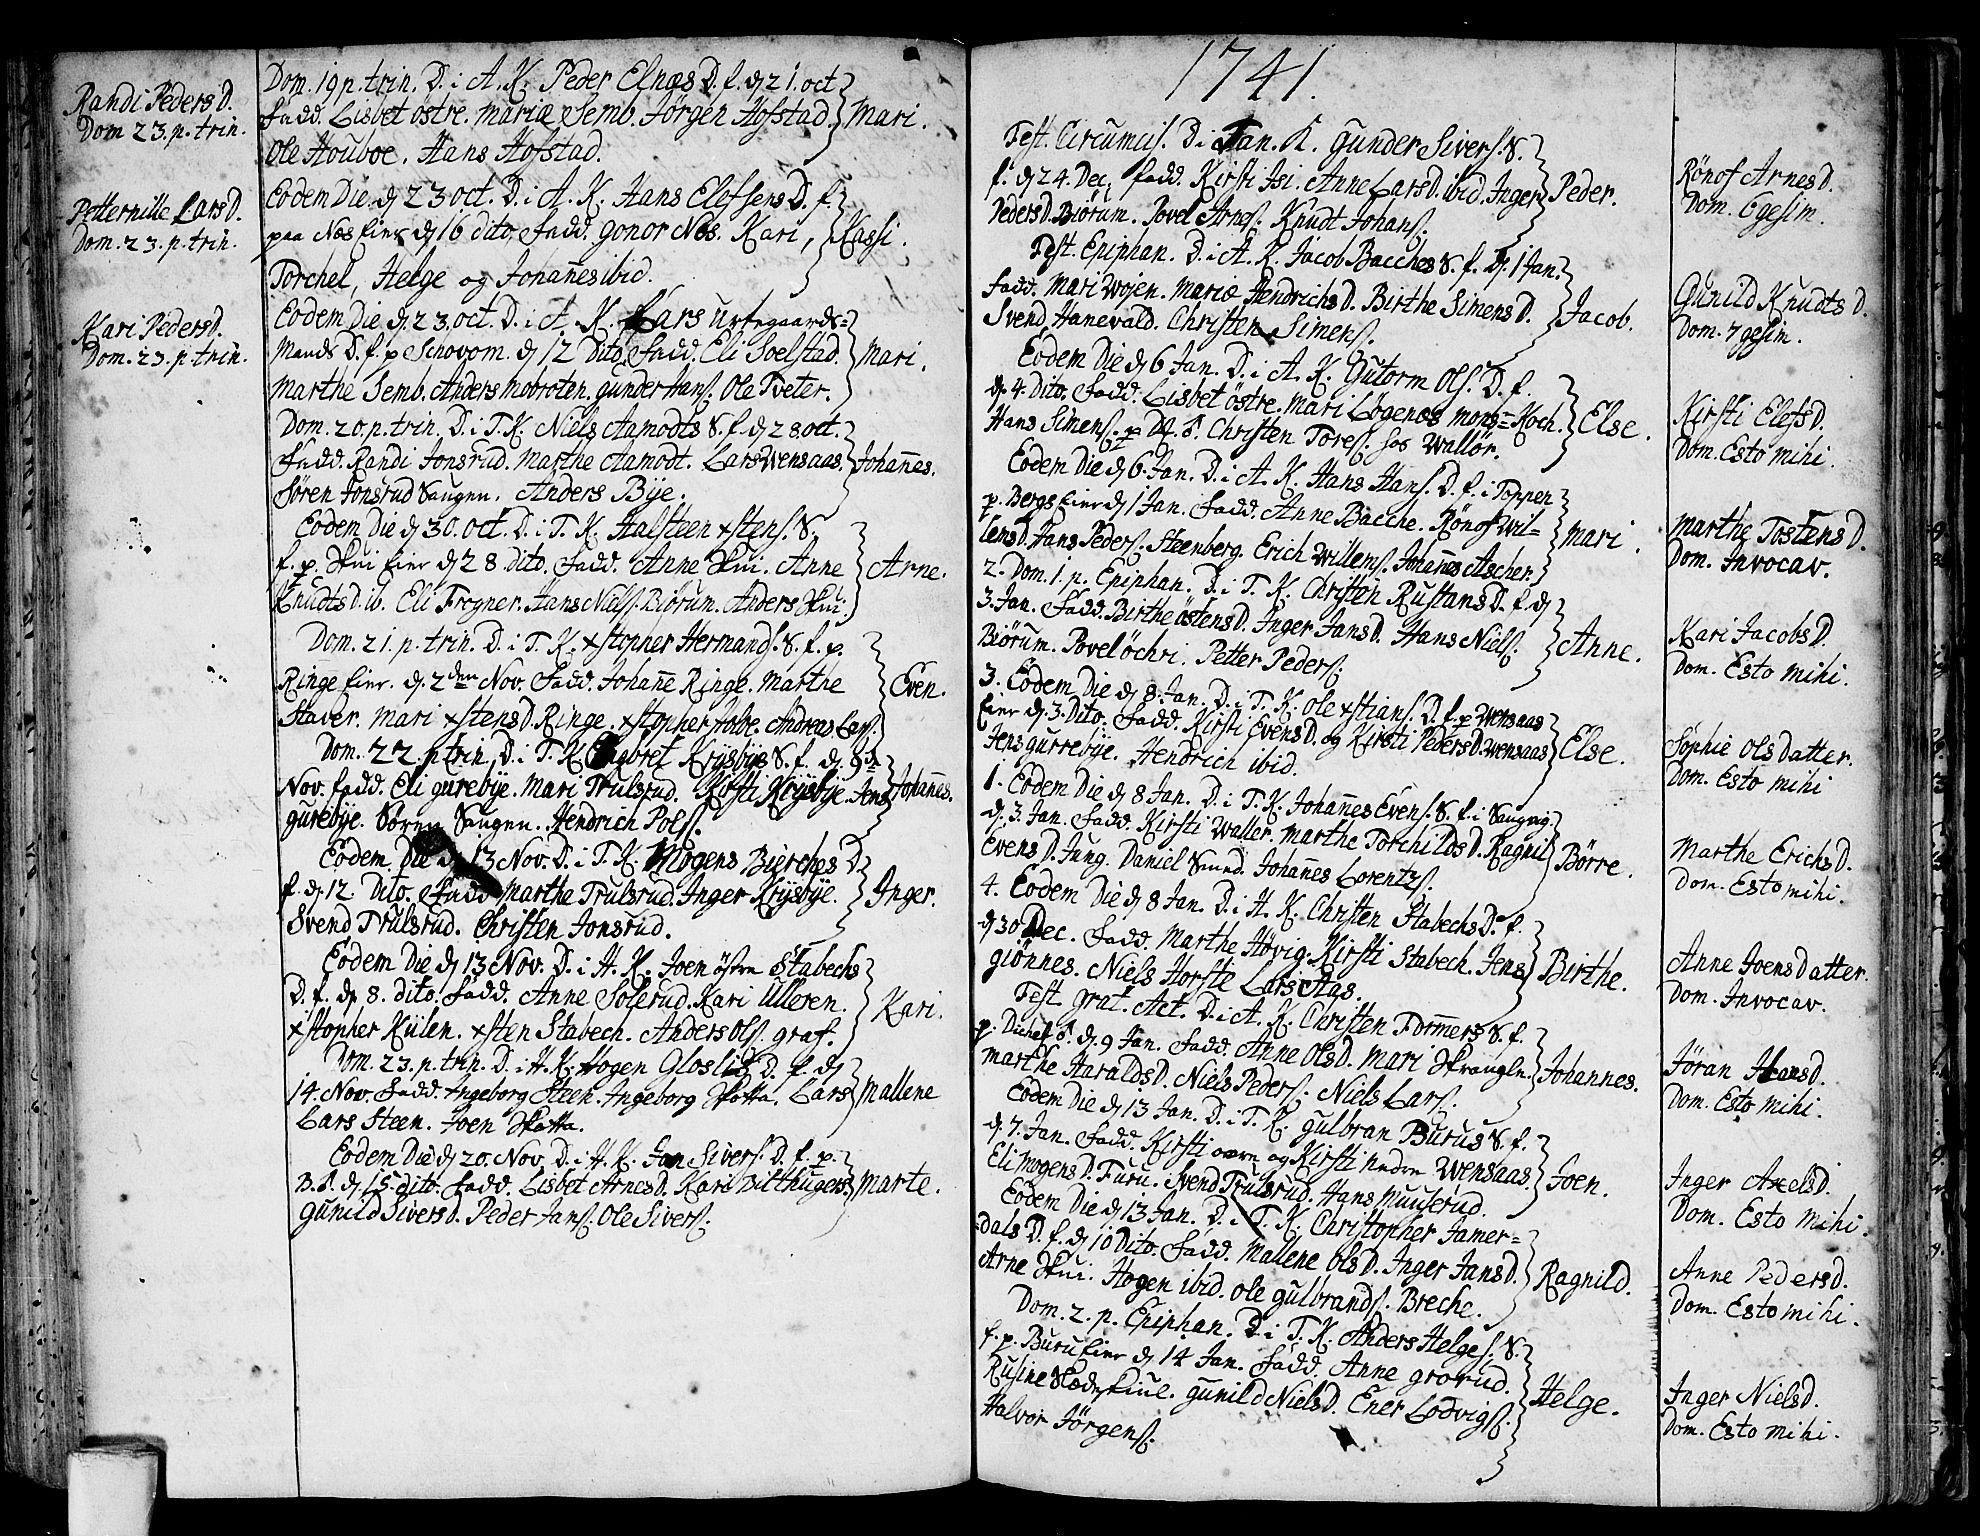 SAO, Asker prestekontor Kirkebøker, F/Fa/L0001: Ministerialbok nr. I 1, 1726-1744, s. 69